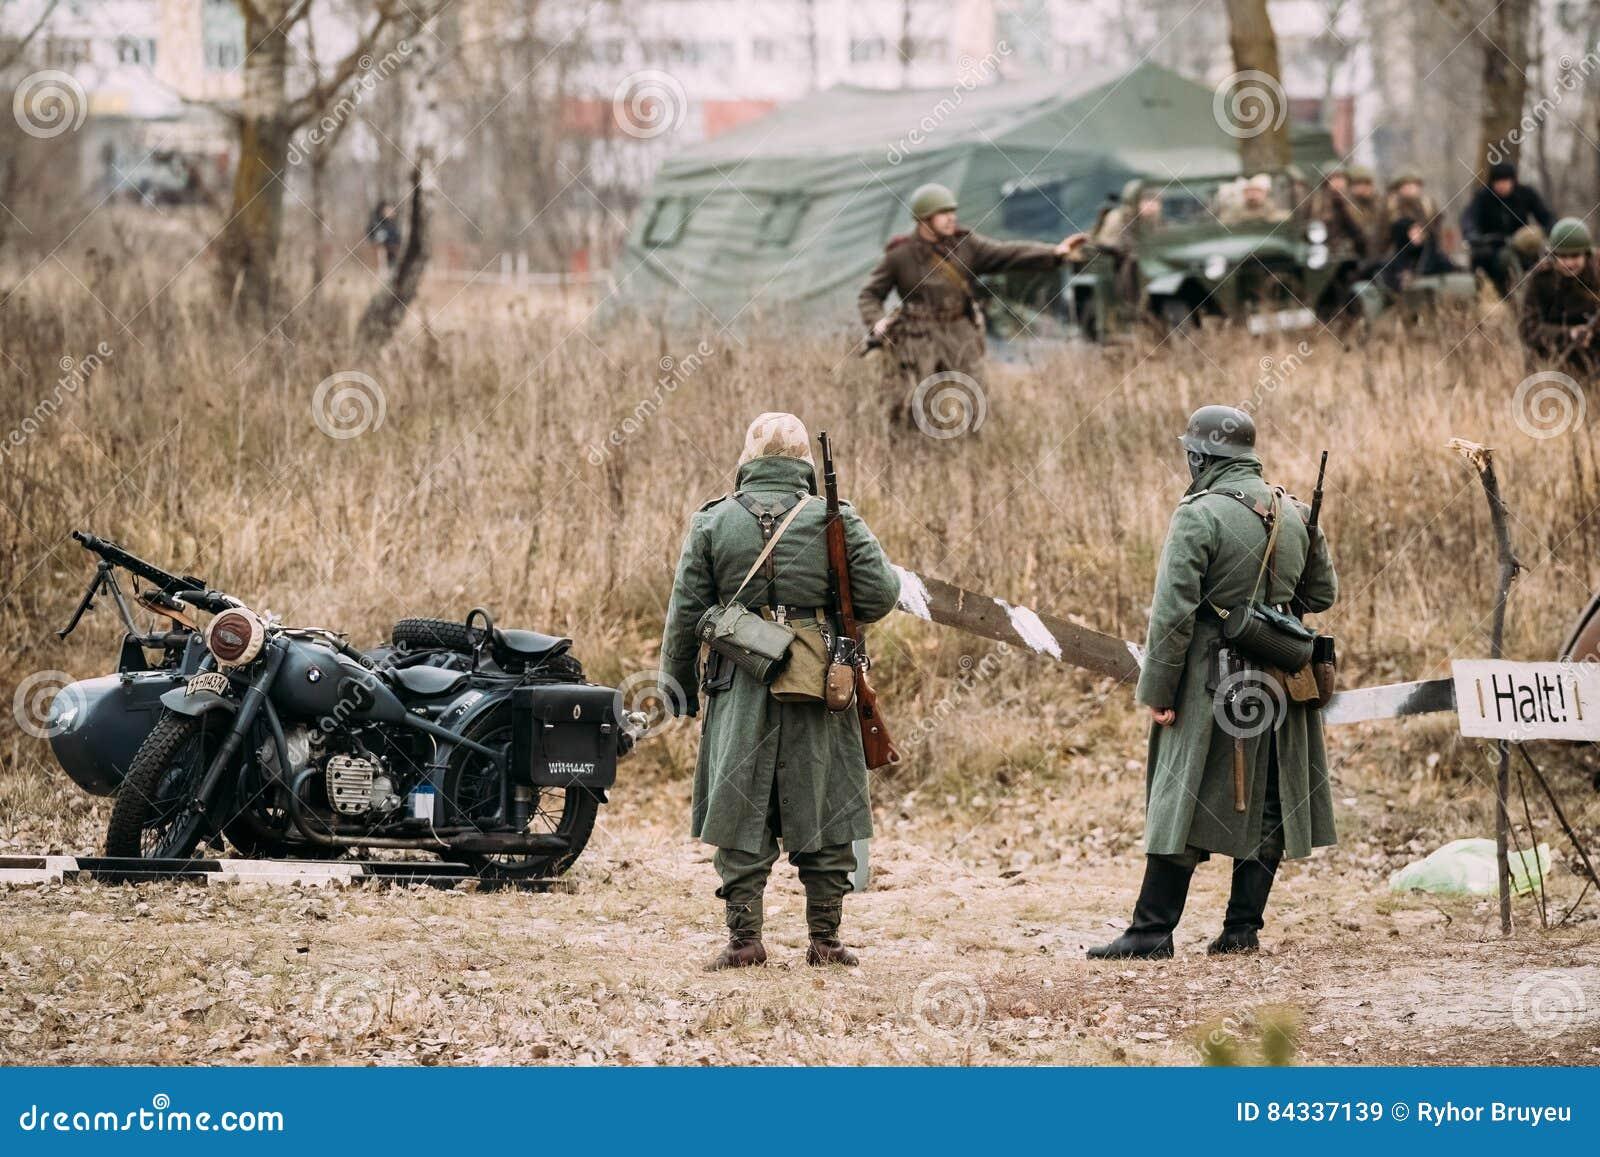 Re-enactors no identificado vestida como infantería alemana Wehrmacht tan